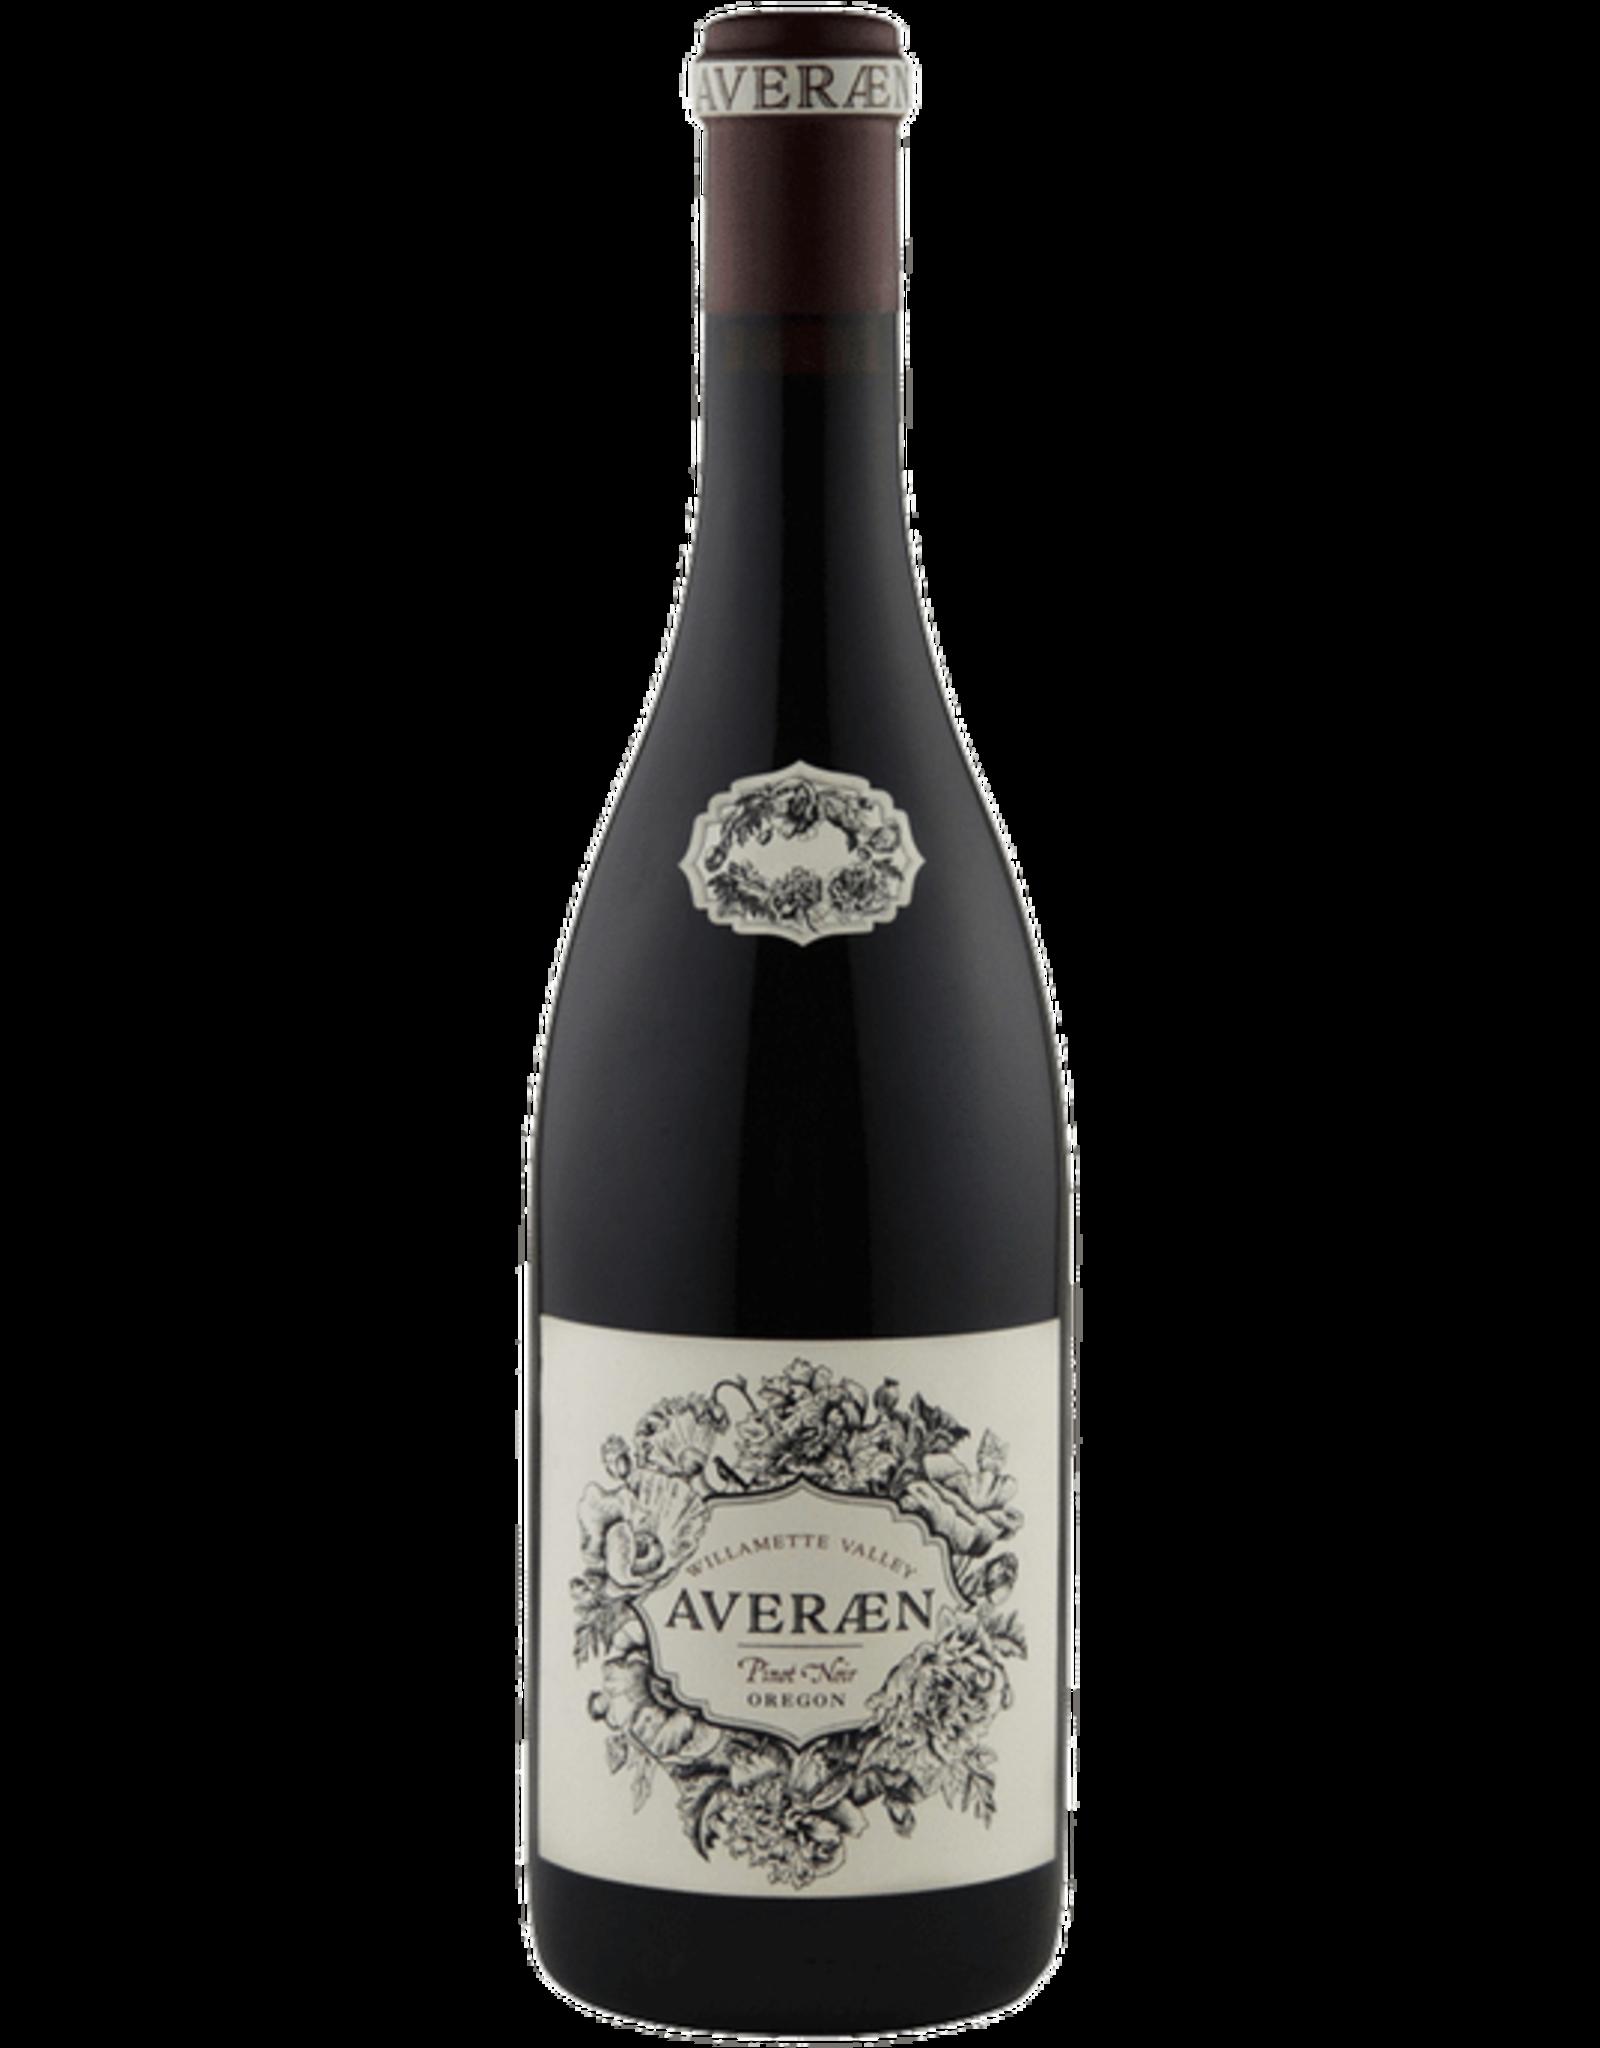 Averaen Willamette Valley Pinot Noir